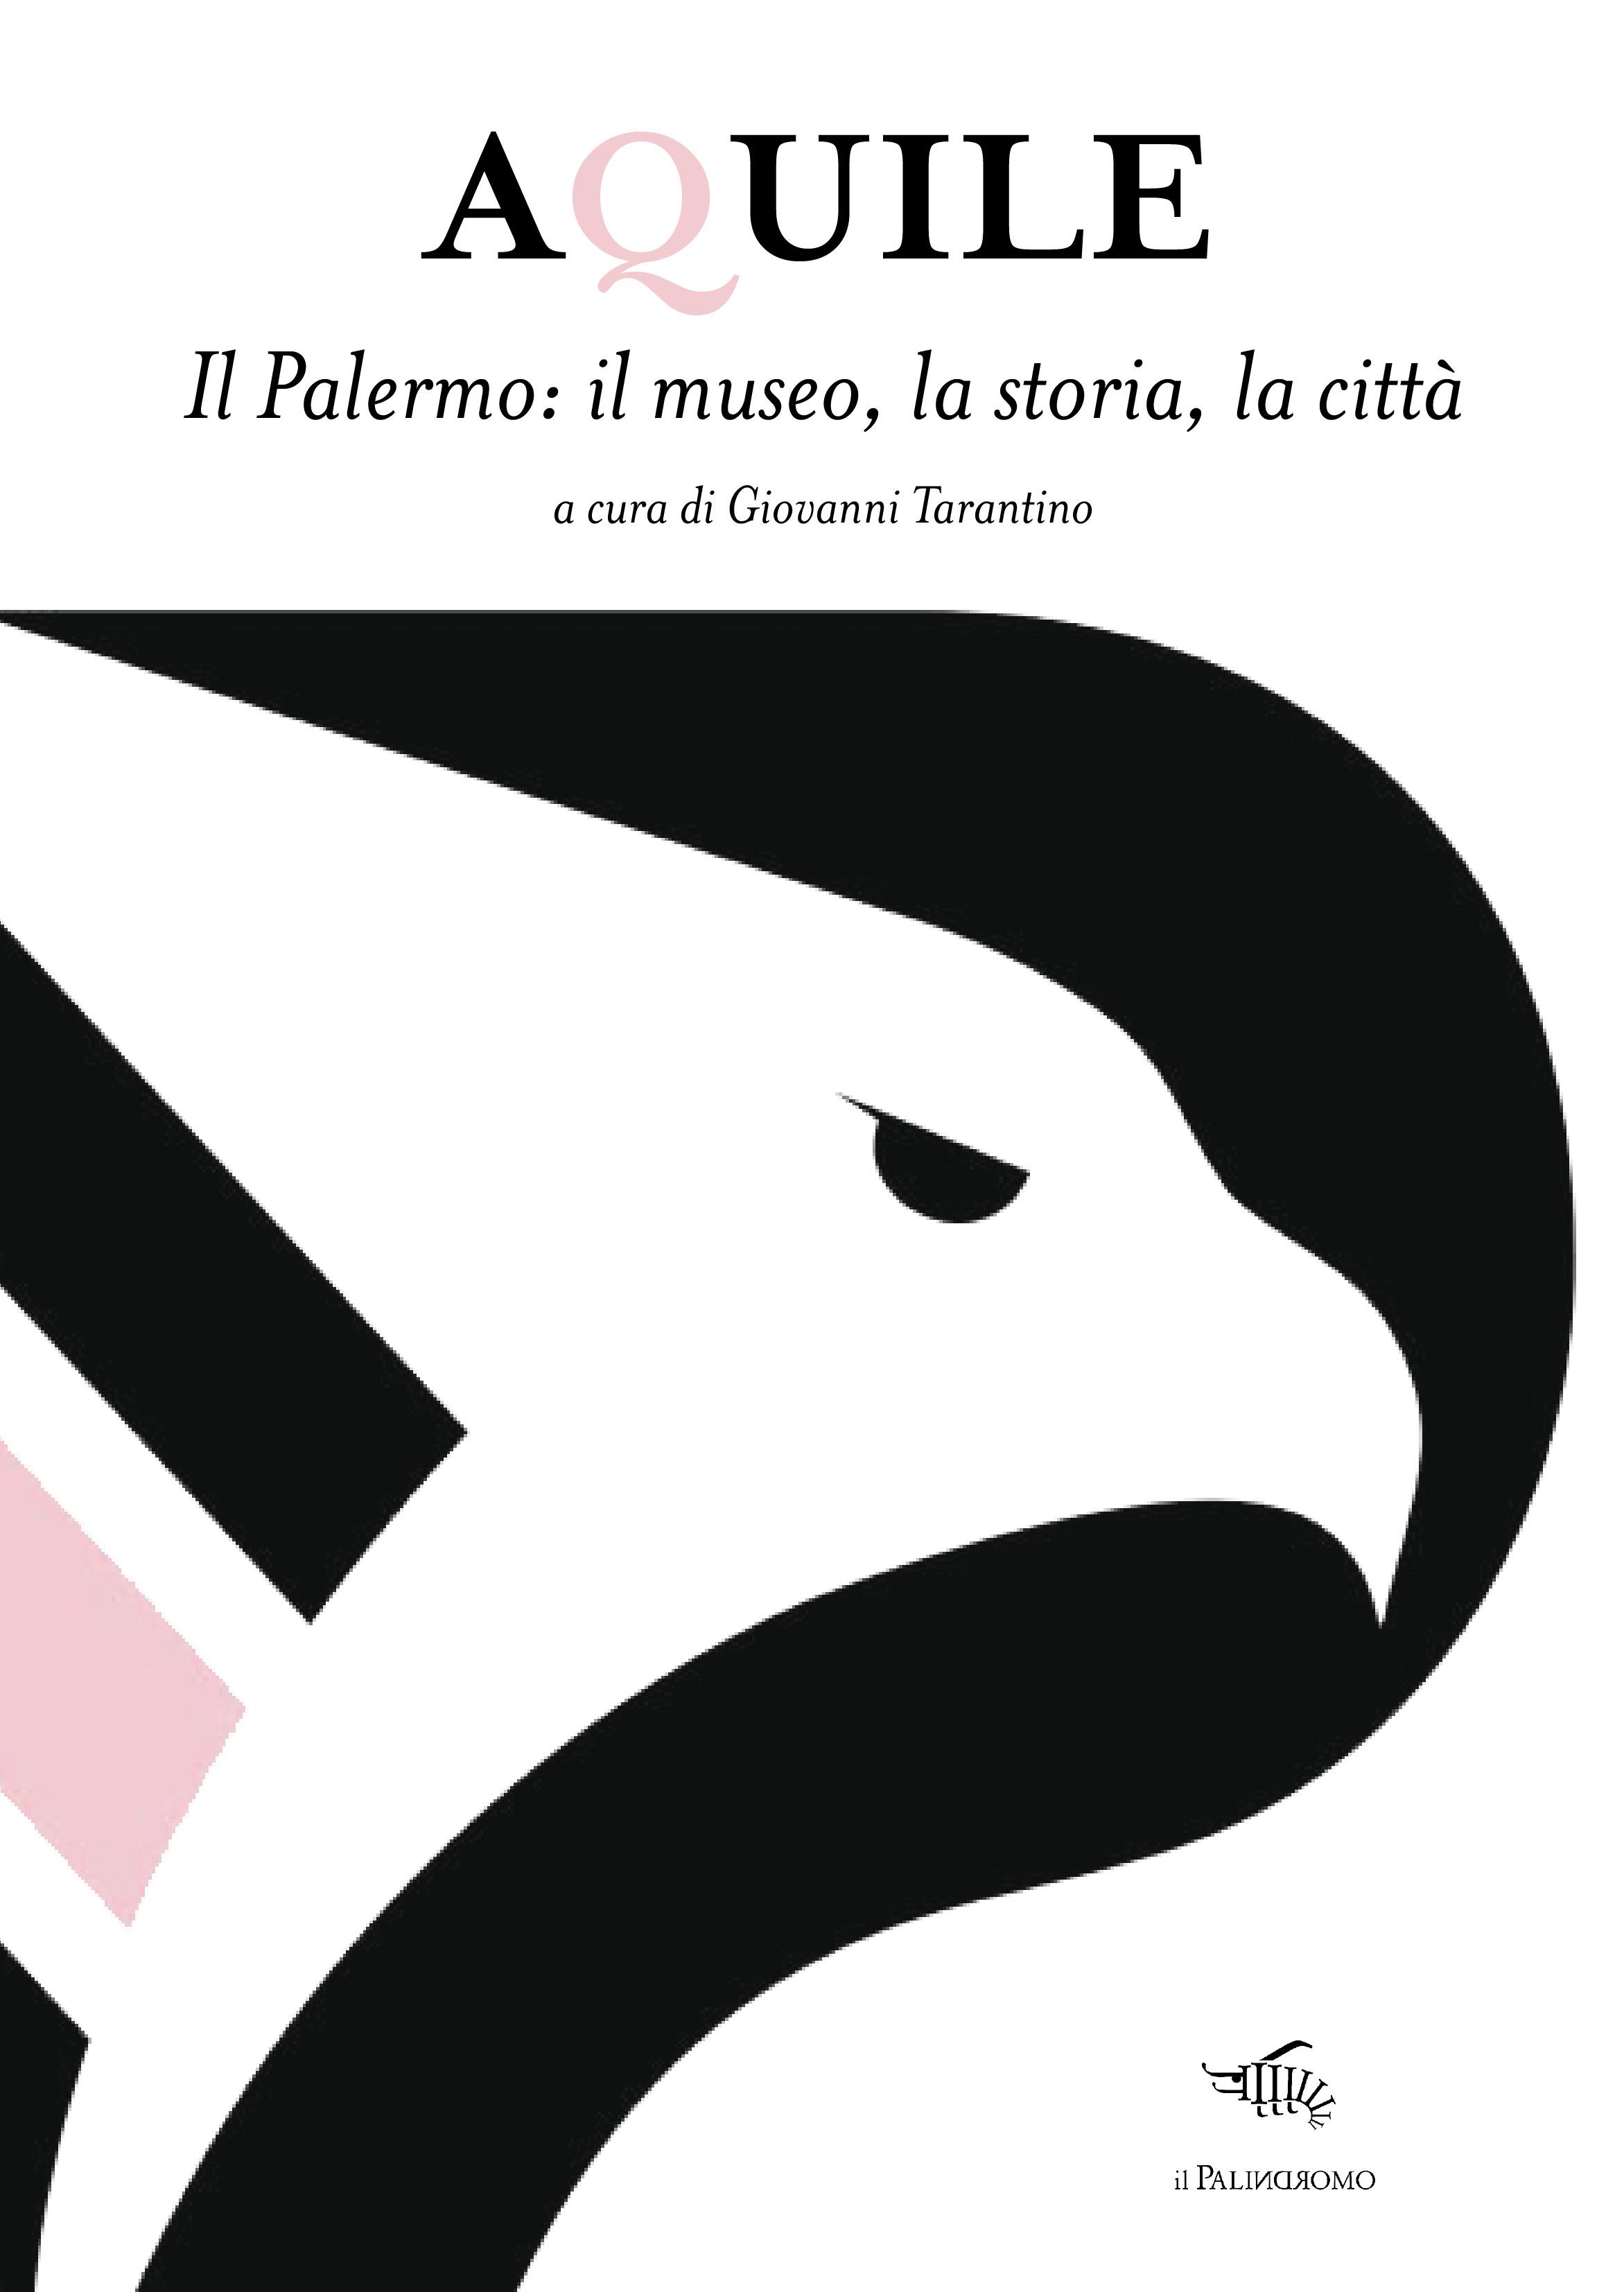 a cura di: Giovanni Tarantino